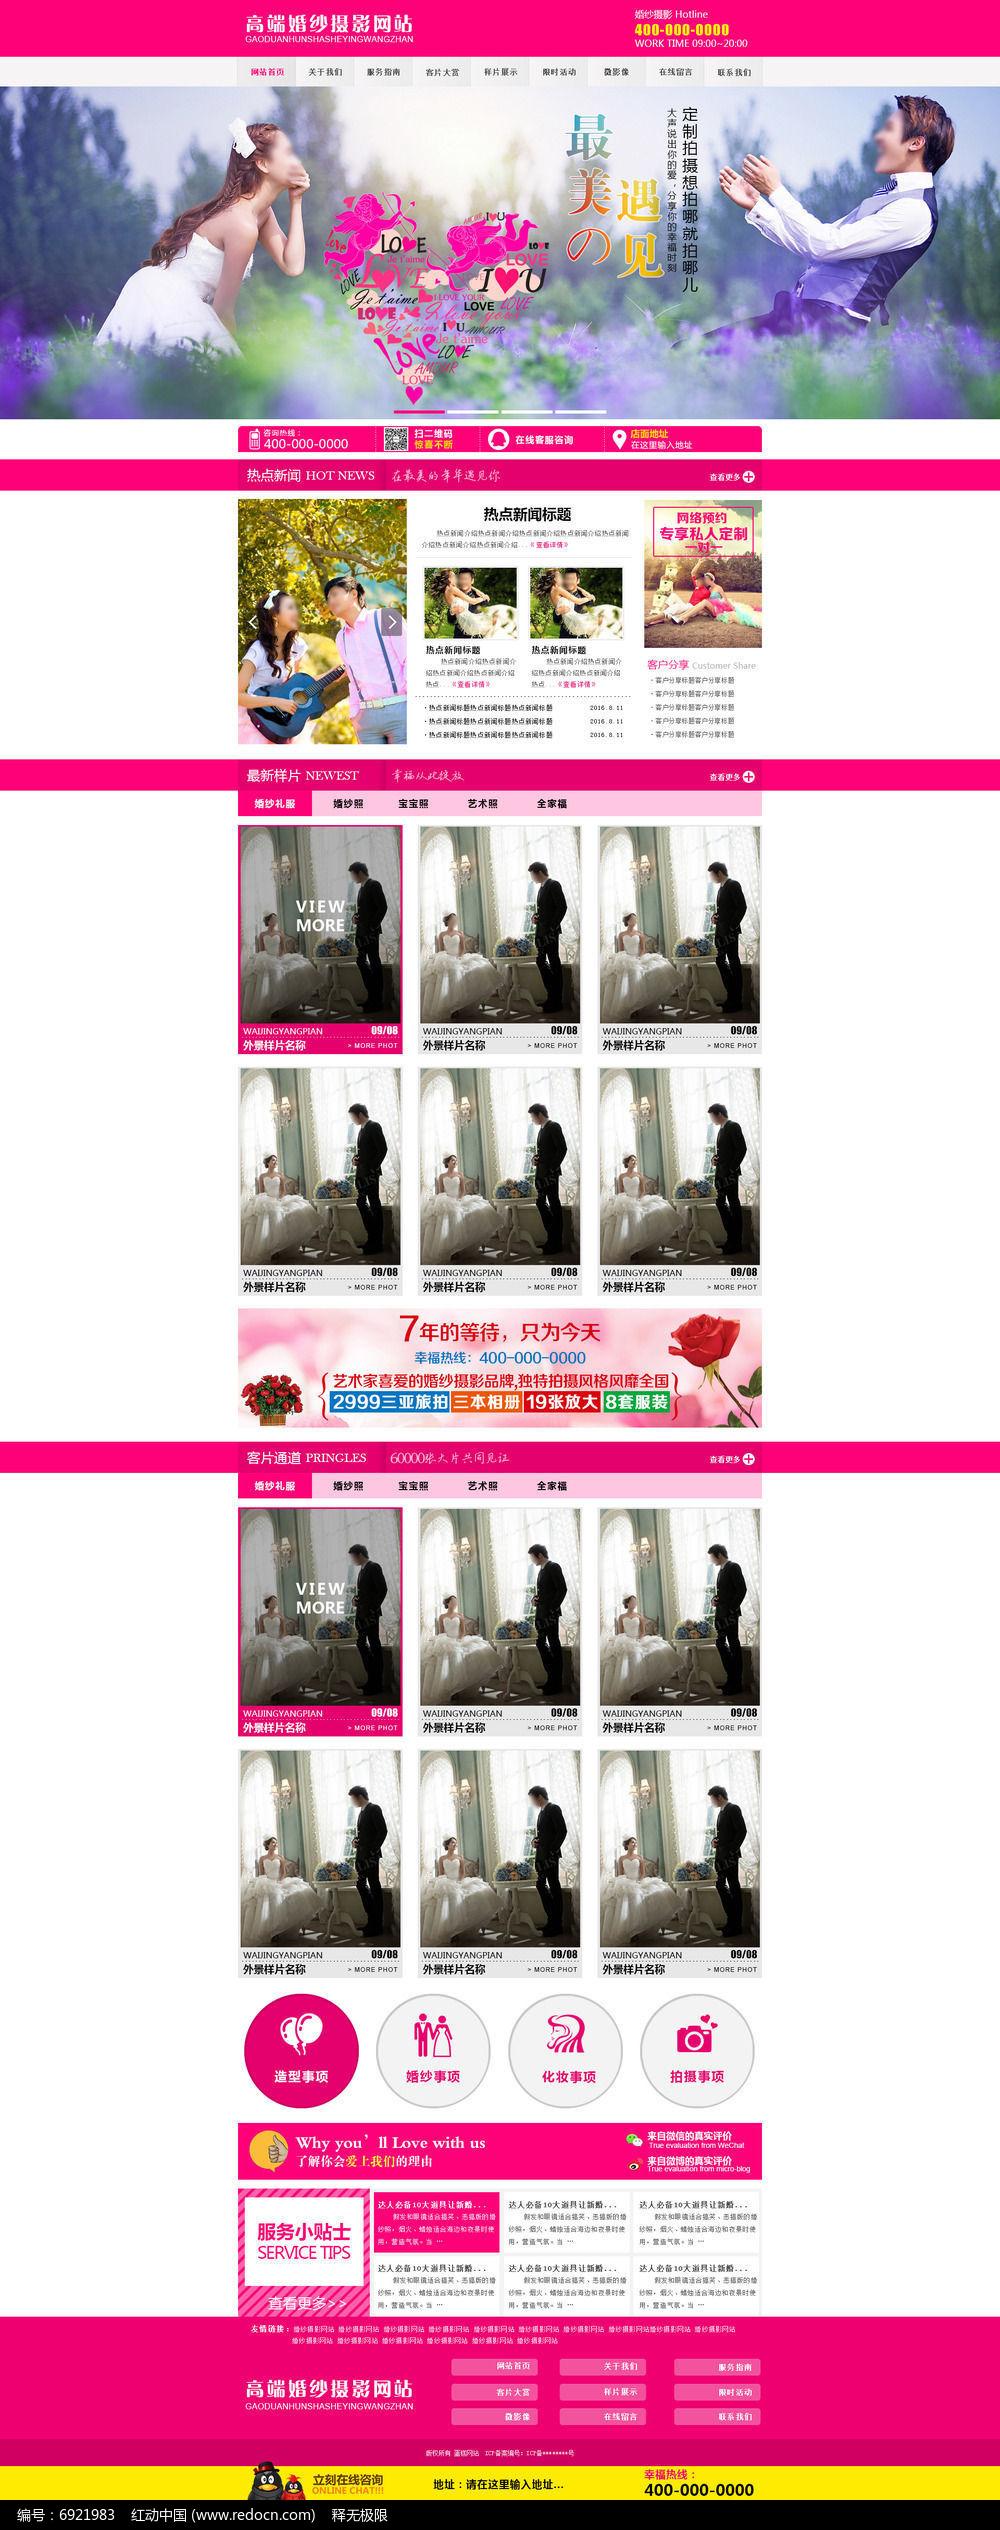 高端婚纱摄影网站设计图片